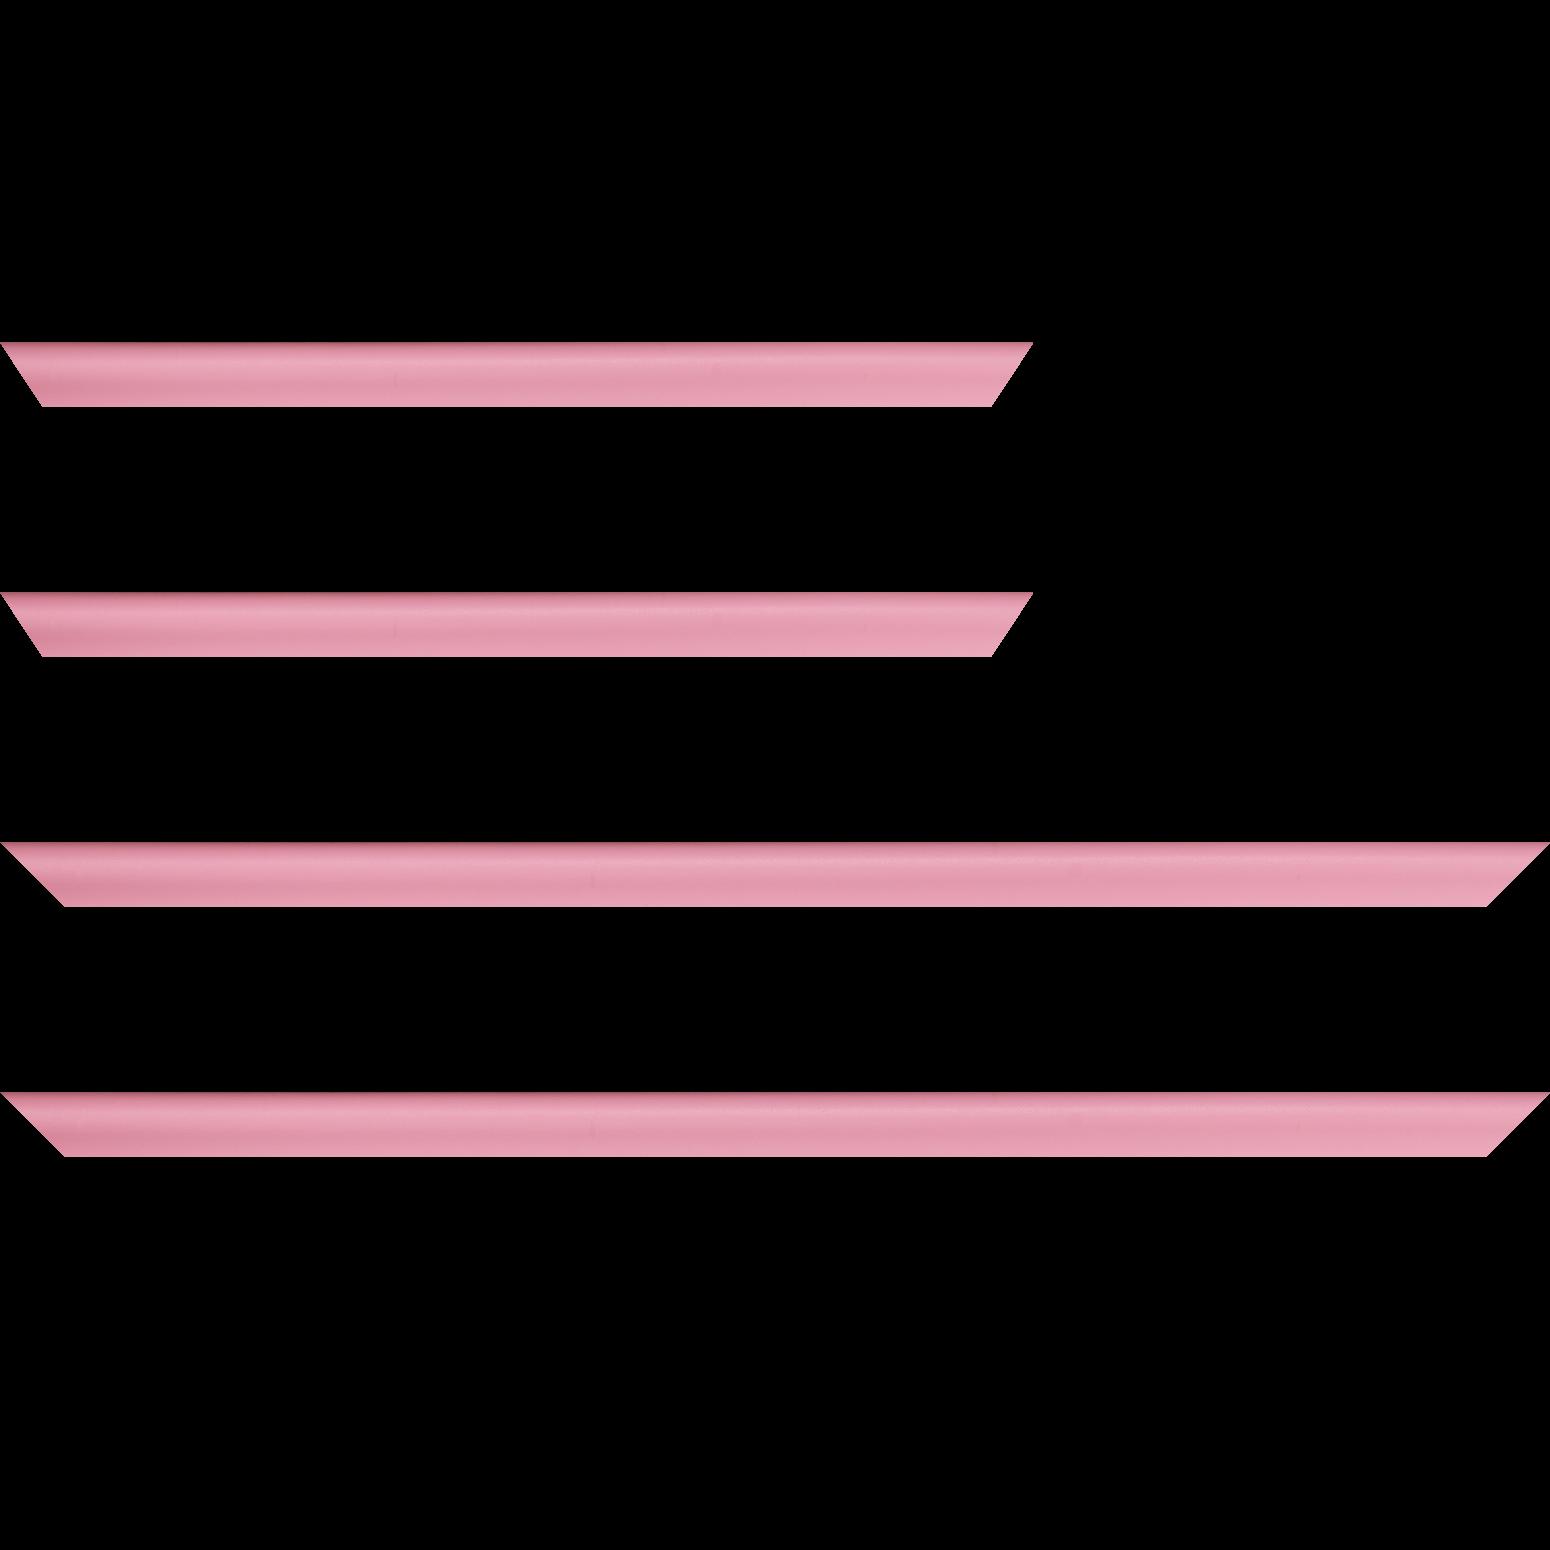 Baguette service précoupé Bois profil incuvé largeur 2.1cm couleur rose tendre satiné